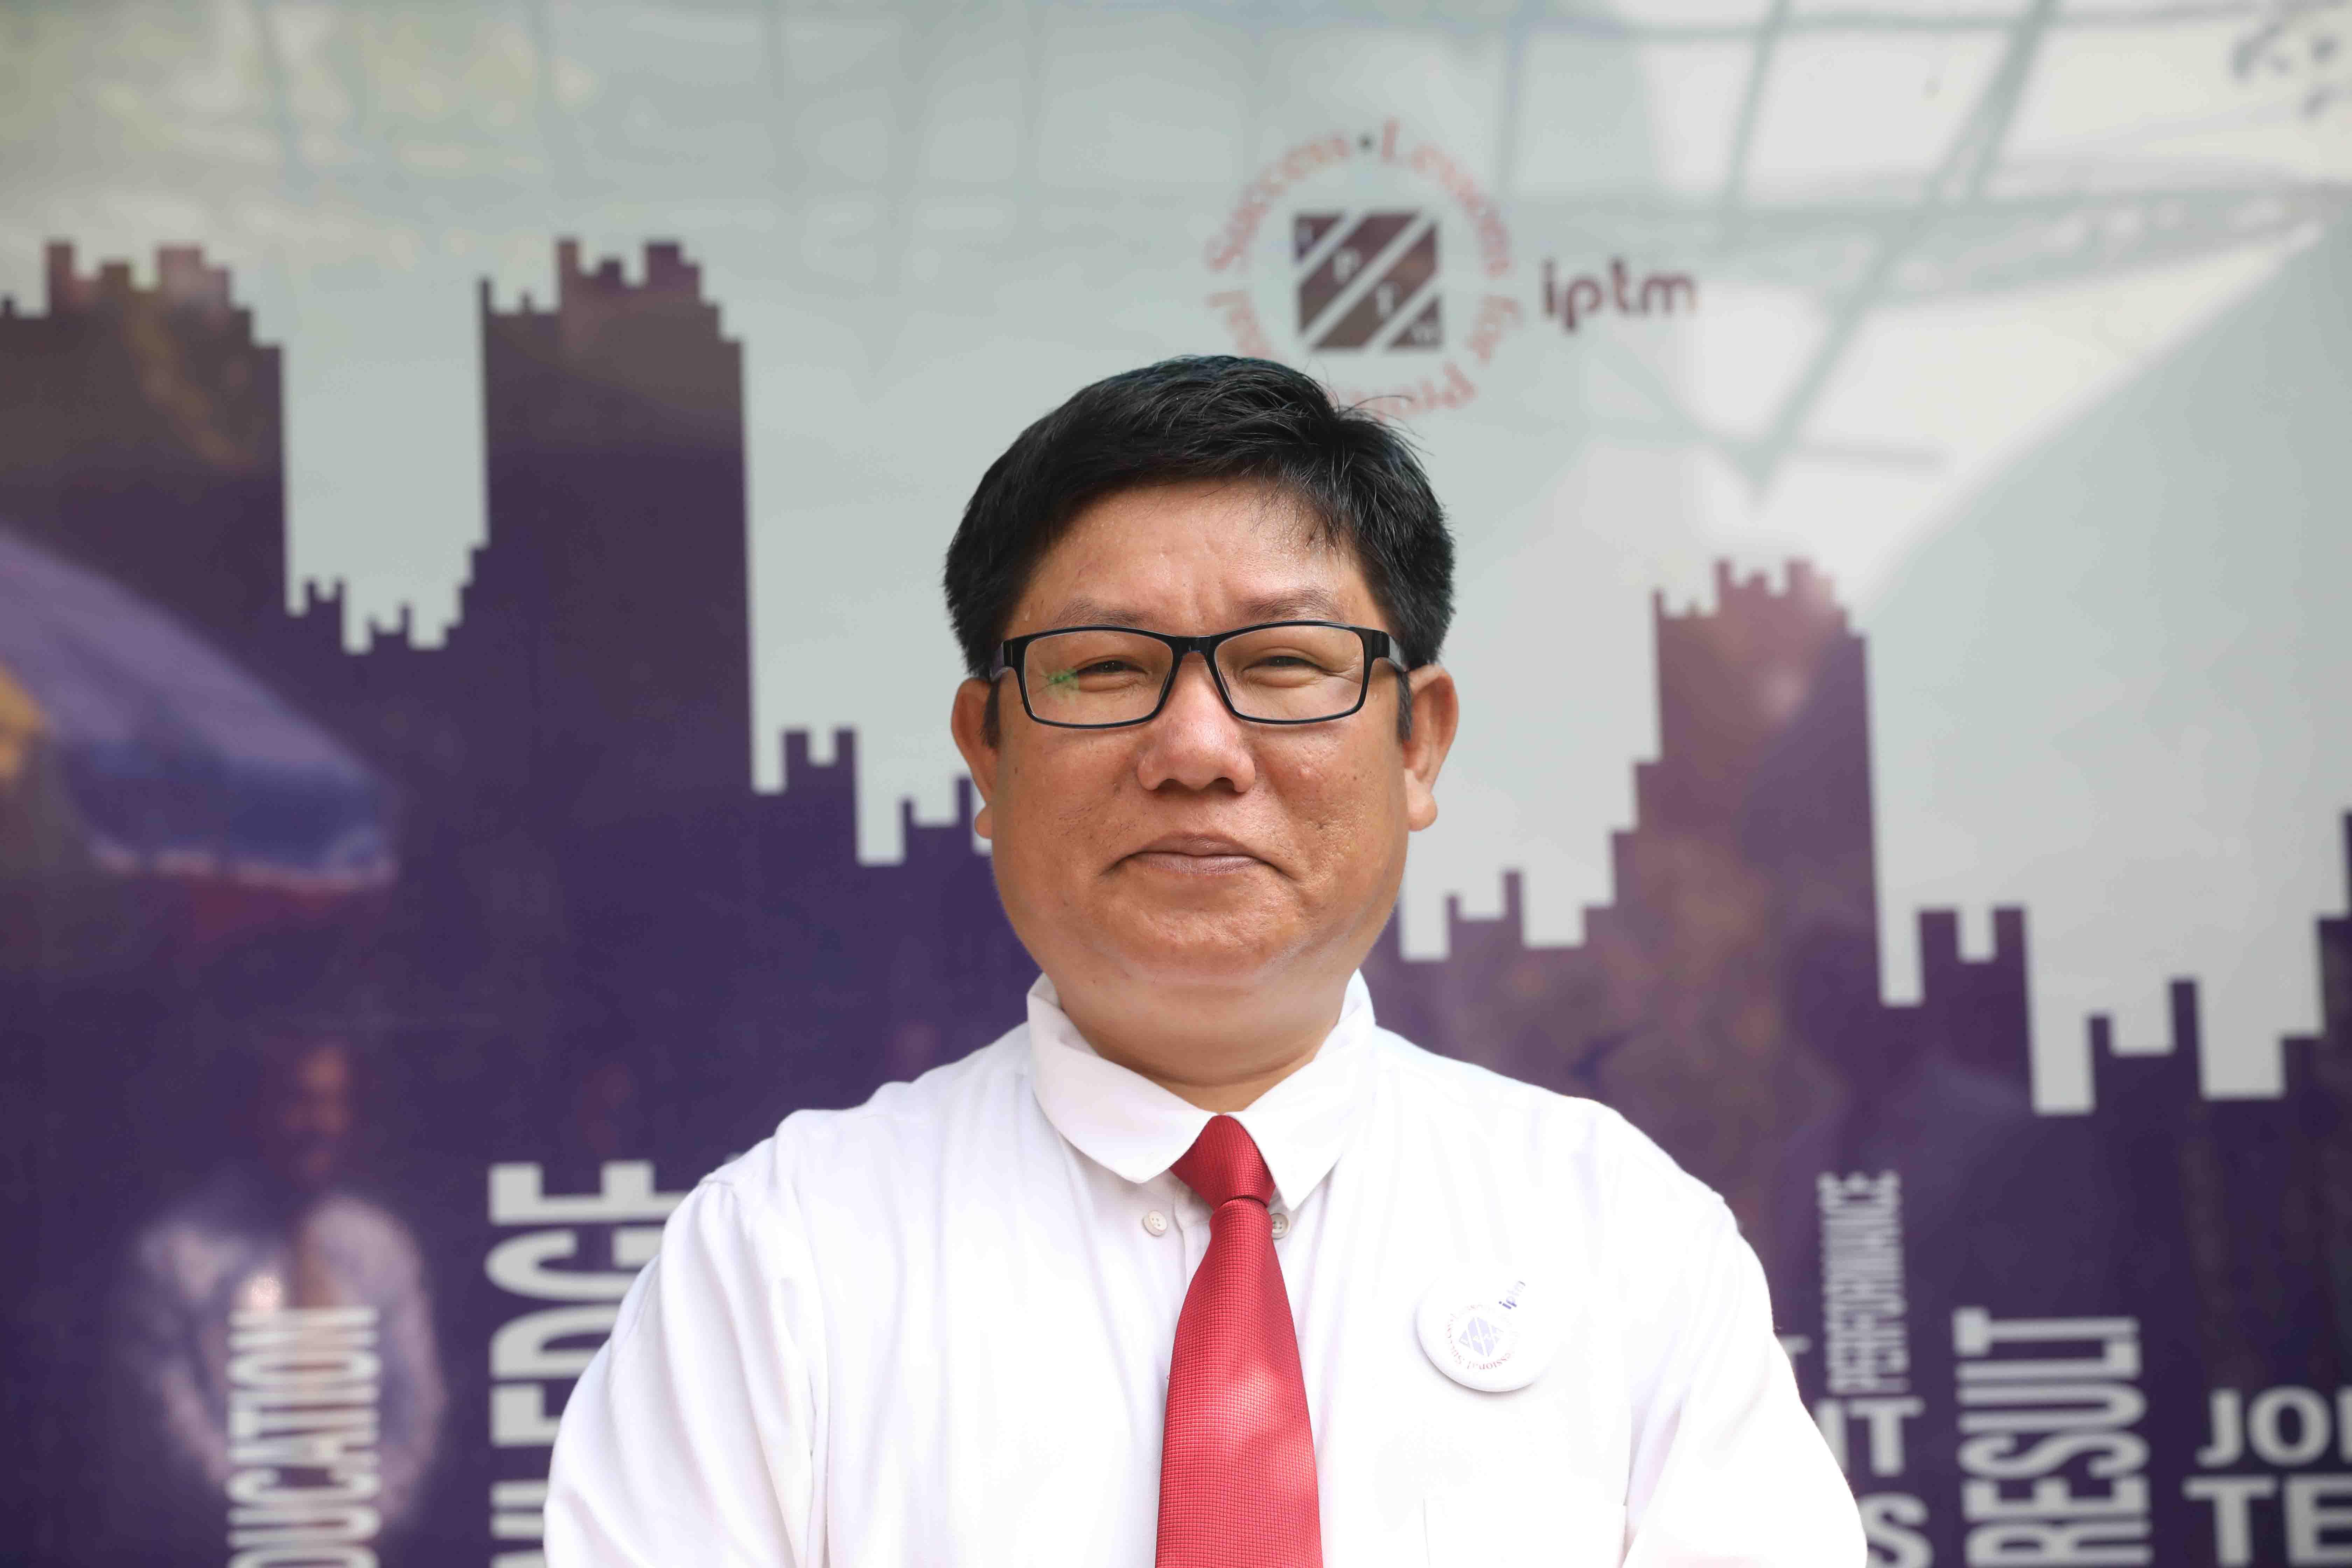 Mr. Mitayan chakma